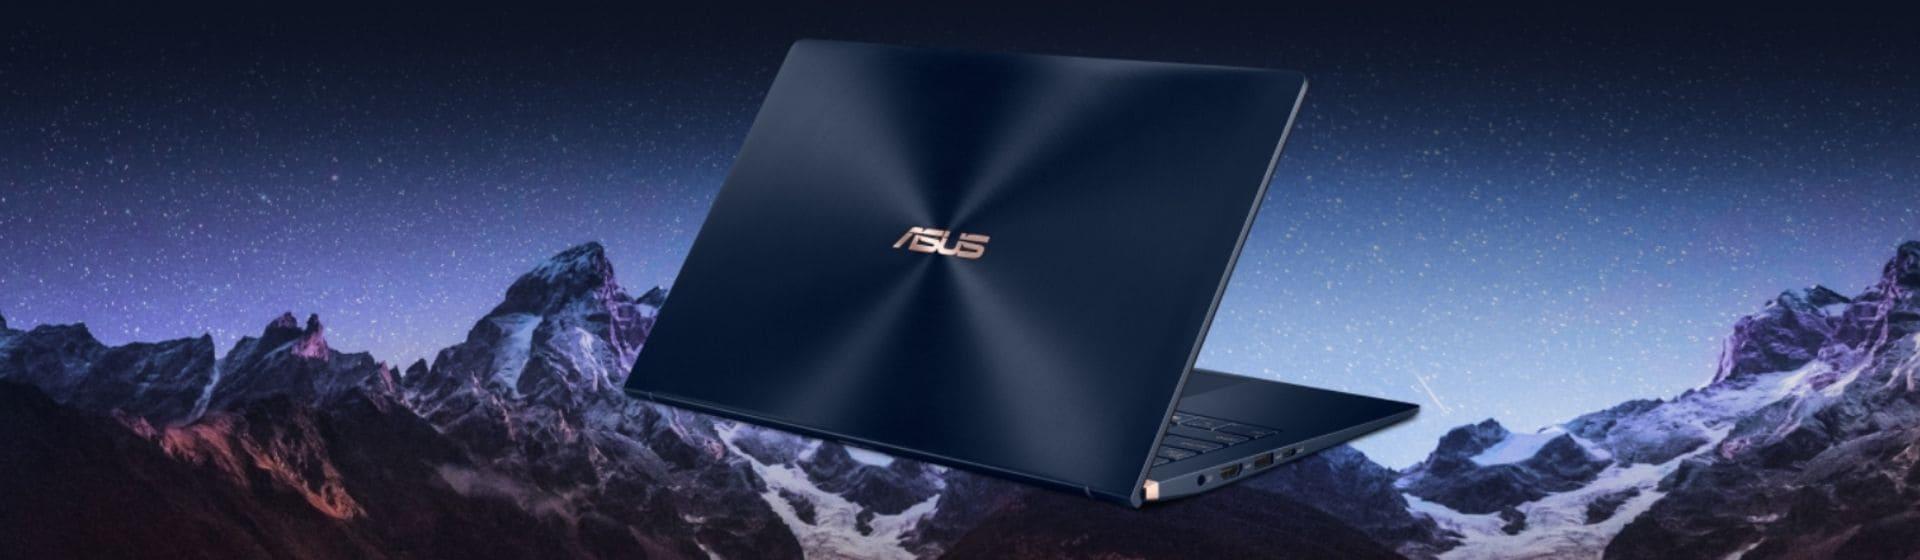 Notebook Asus Zenbook azul escuro com montanhas ao fundo